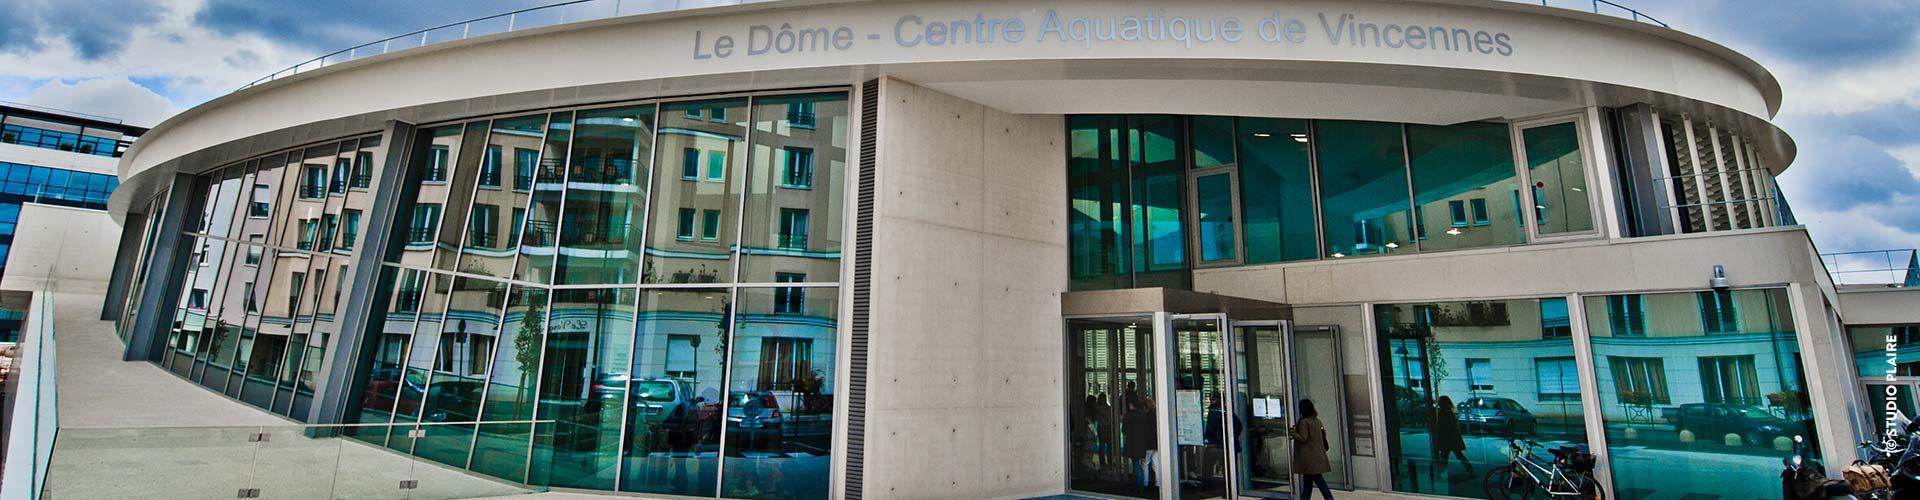 Centre Aquatique | Ville De Vincennes dedans Piscine Dome Vincennes